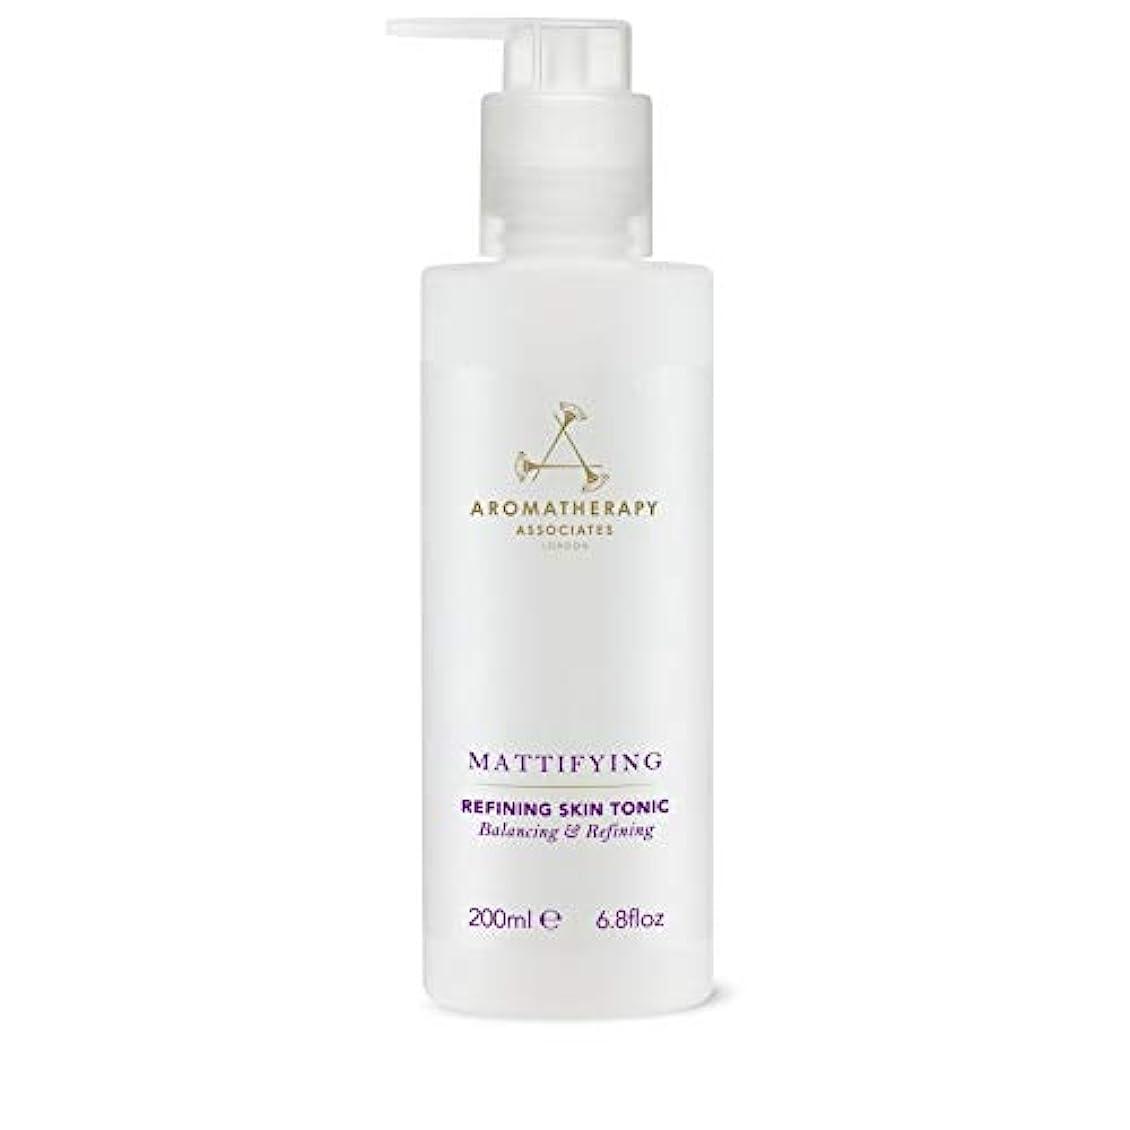 プラットフォームカビ取得[Aromatherapy Associates ] アロマセラピーアソシエイツ精錬皮膚の強壮剤、アロマセラピーアソシエイツ - Aromatherapy Associates Refining Skin Tonic,...